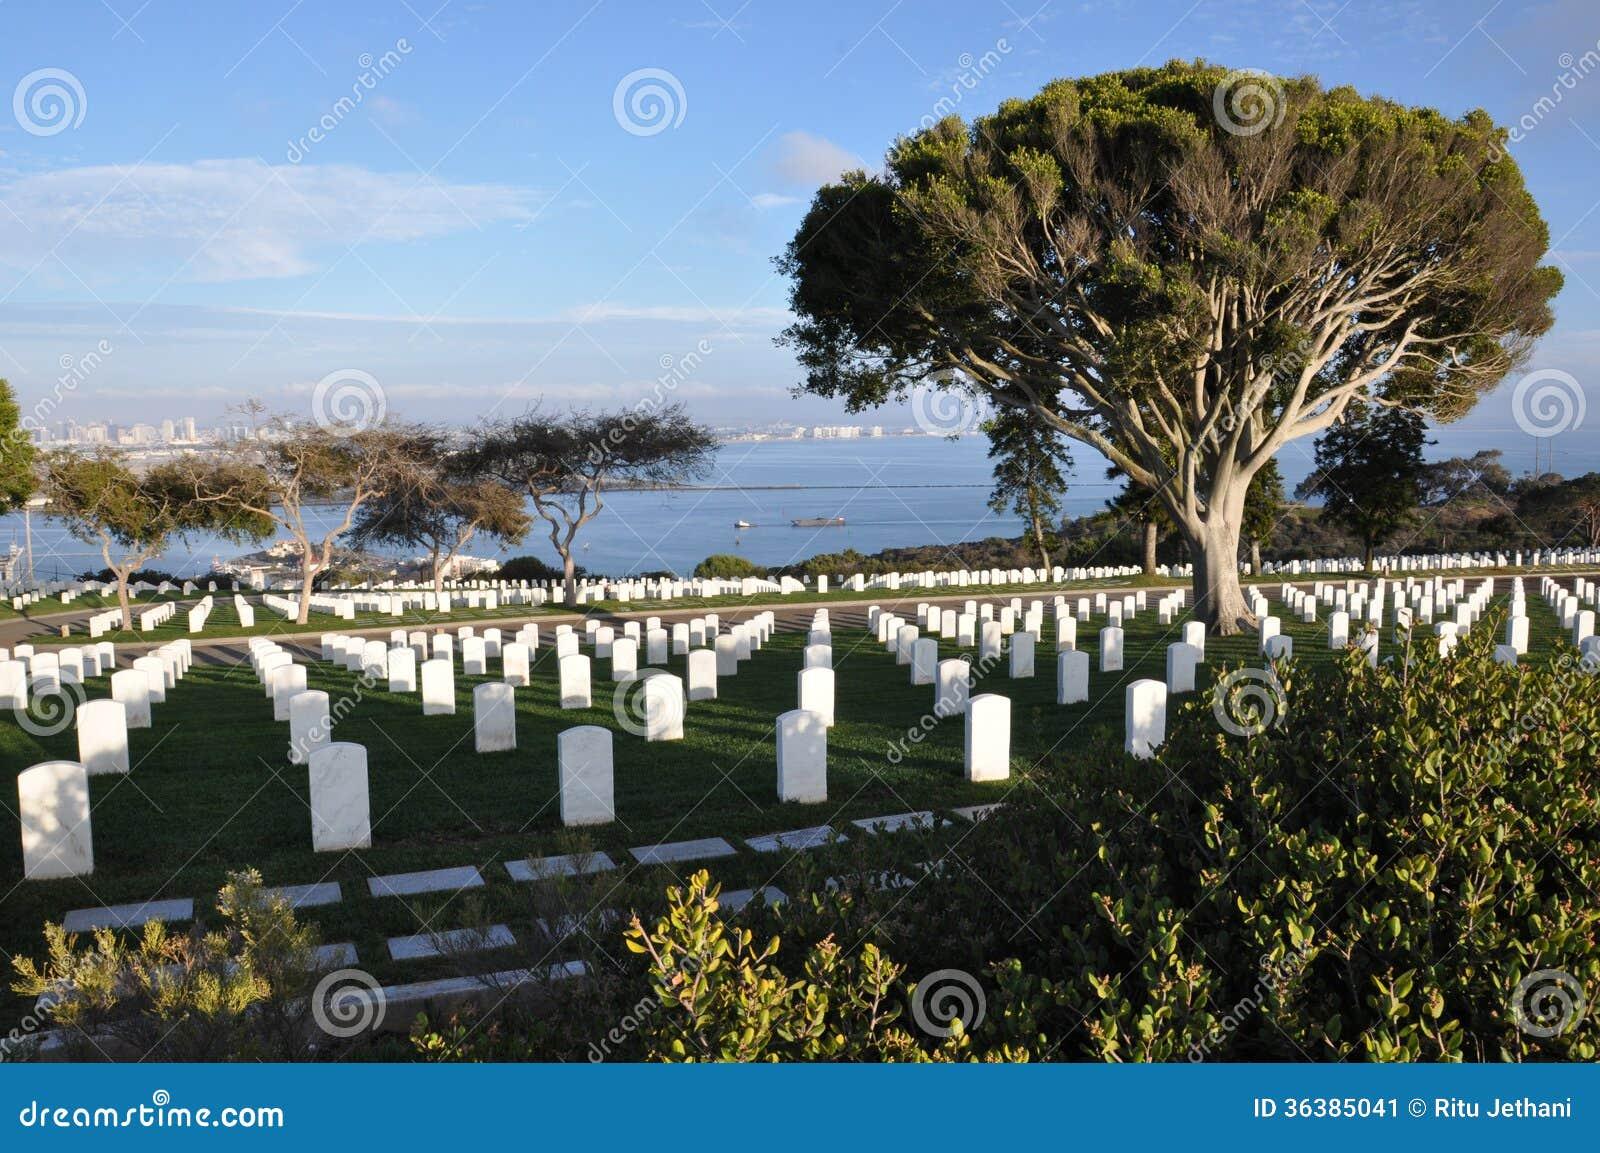 Cementerio militar de Estados Unidos en San Diego, California